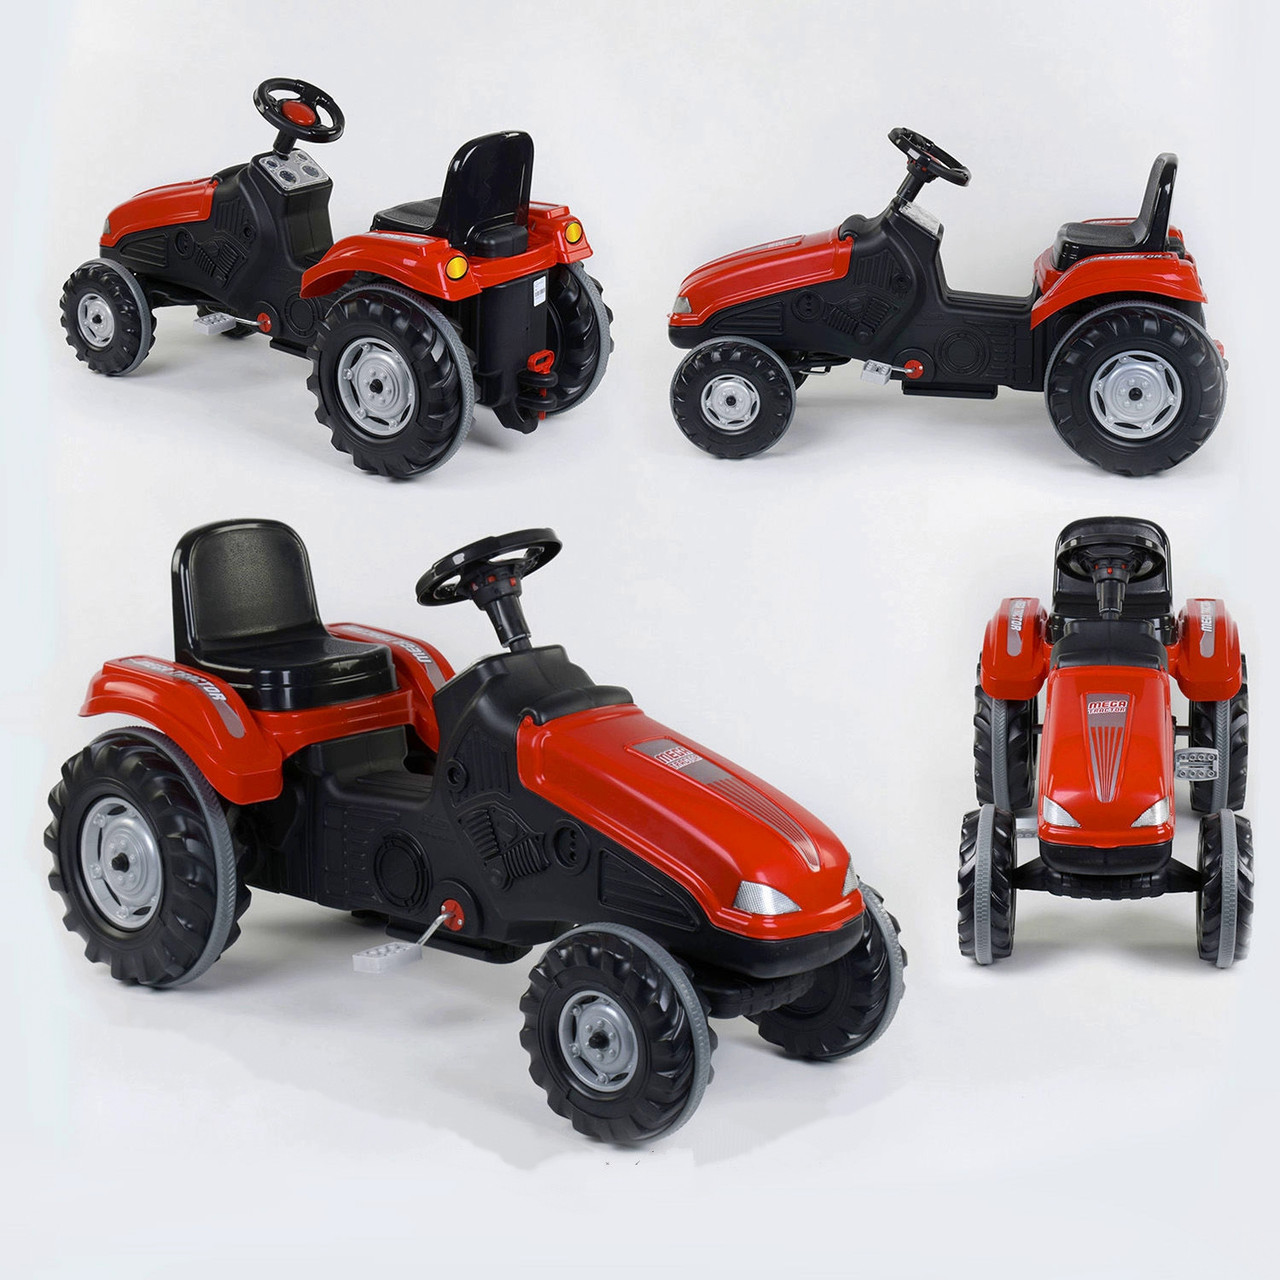 Дитячий трактор з педалями Pilsan 07-321 Червоний (прогумовані колеса, регульоване сидіння, клаксон на кермі)